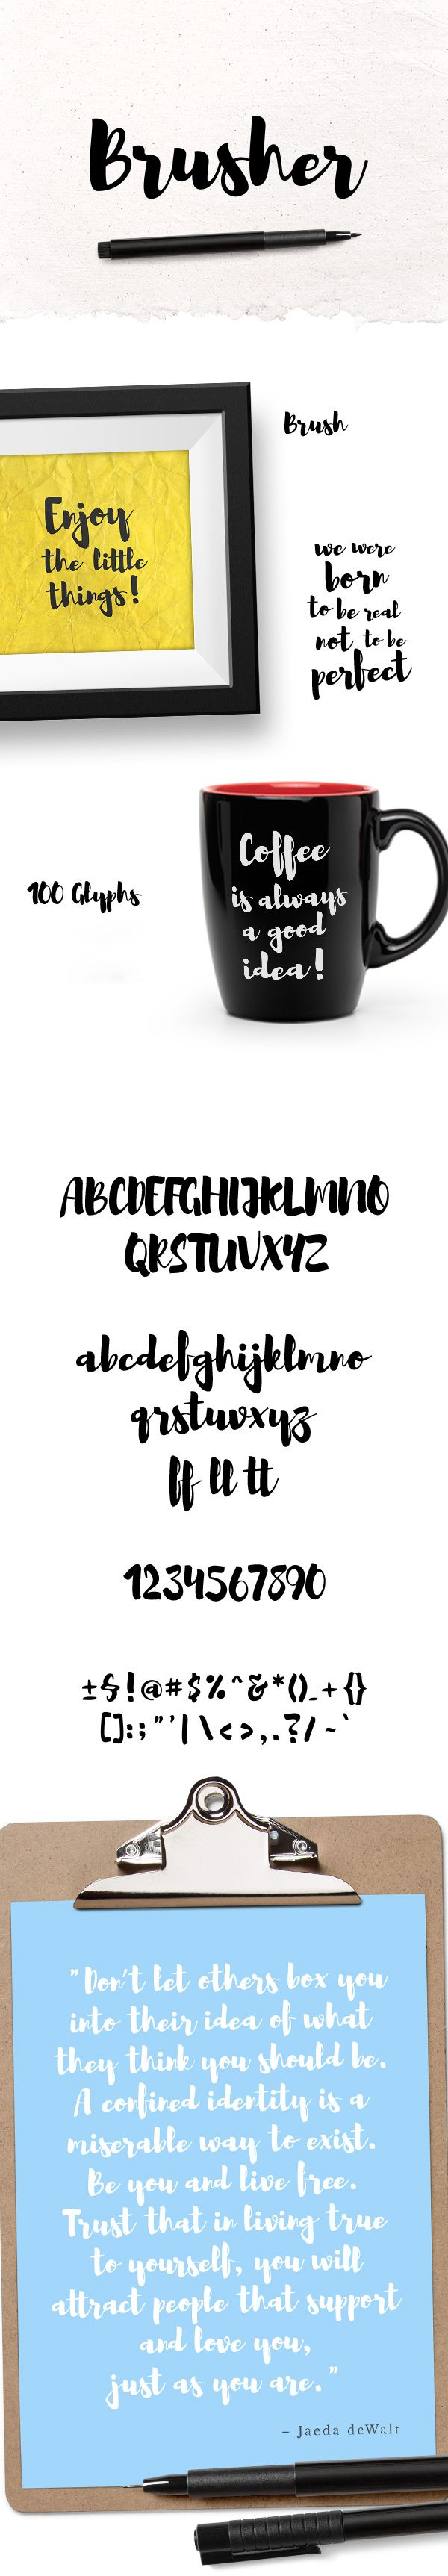 Brusher бесплатный рукописный шрифт скачать